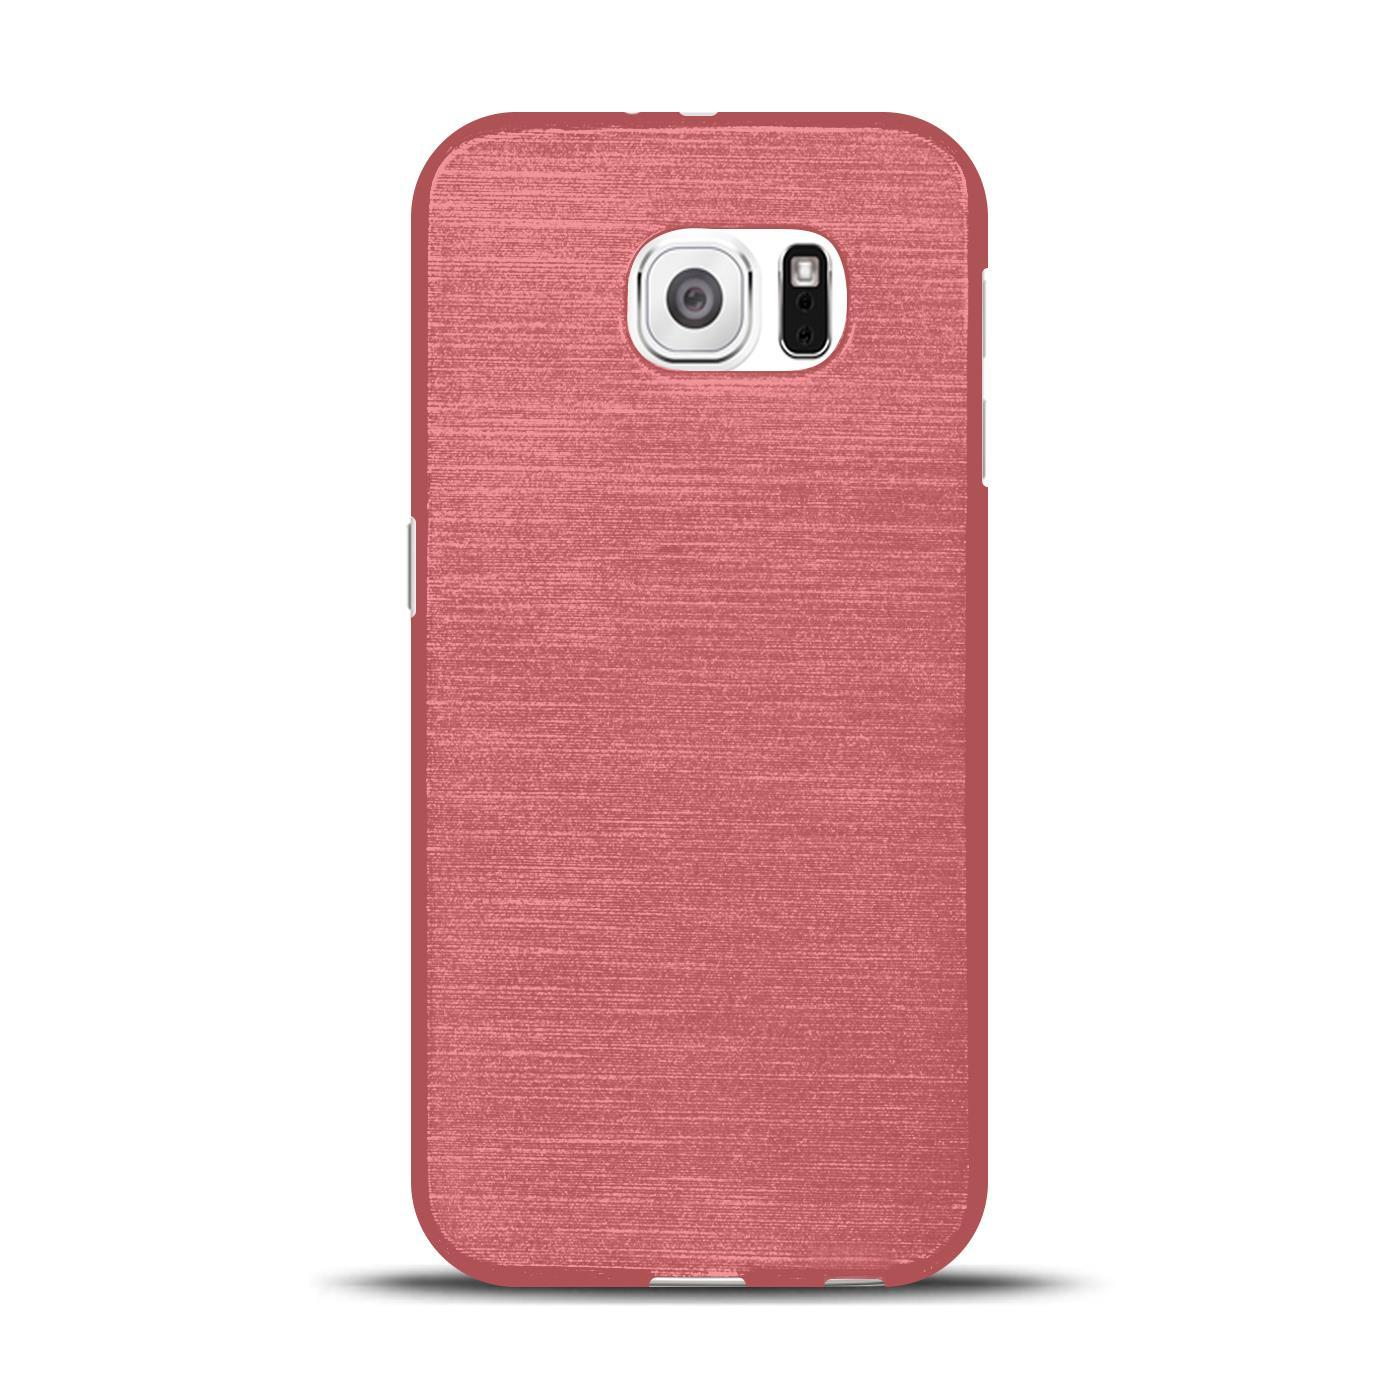 Silikon-Bumper-Case-fuer-Samsung-Galaxy-s6-duenne-ultra-slim-Stossfeste-Rueckschale Indexbild 22